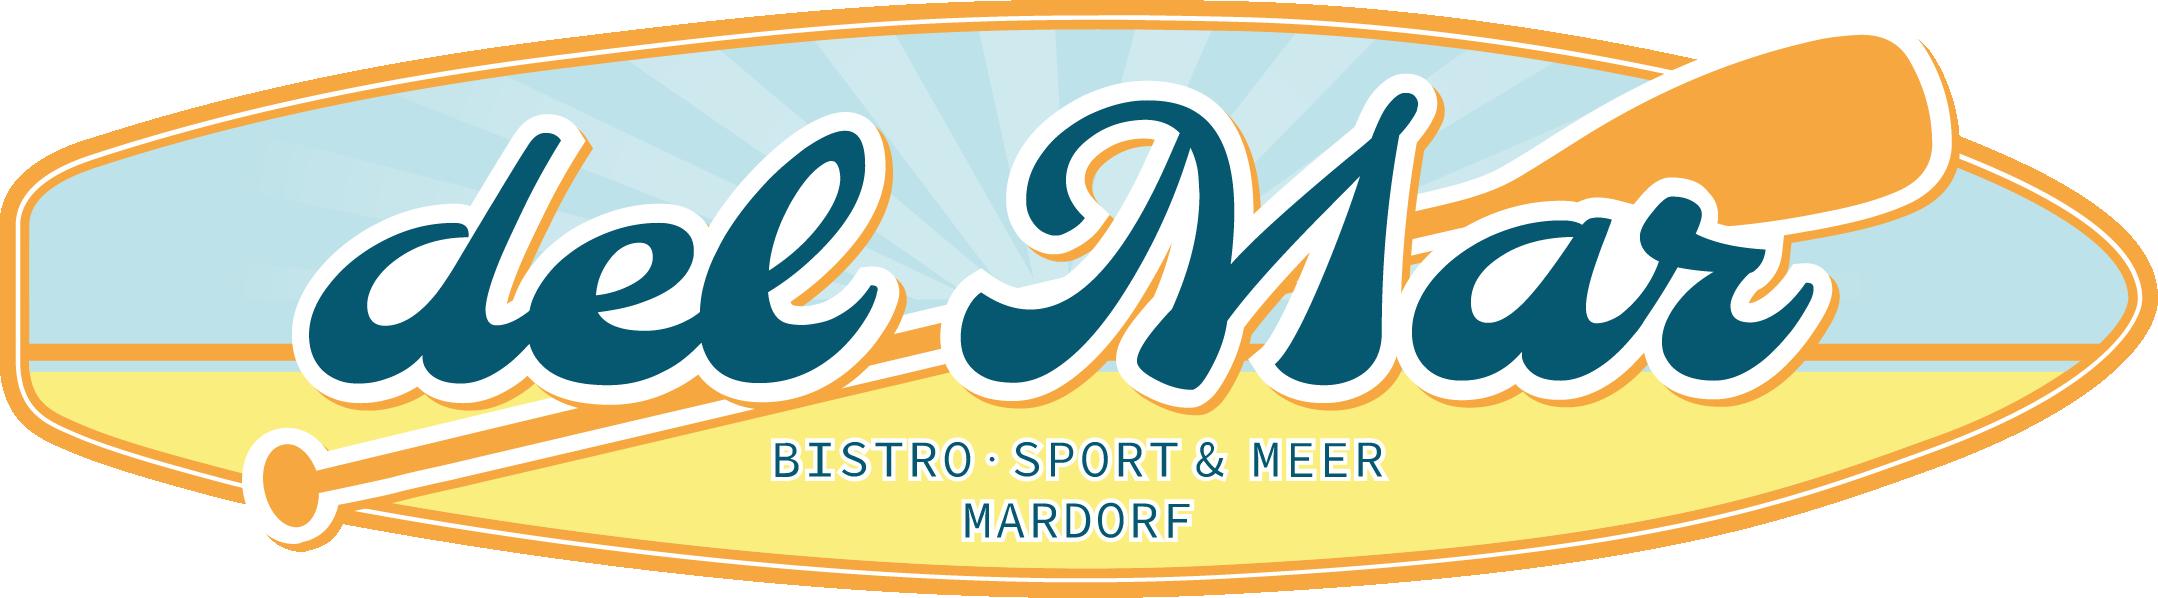 delmar-mardorf